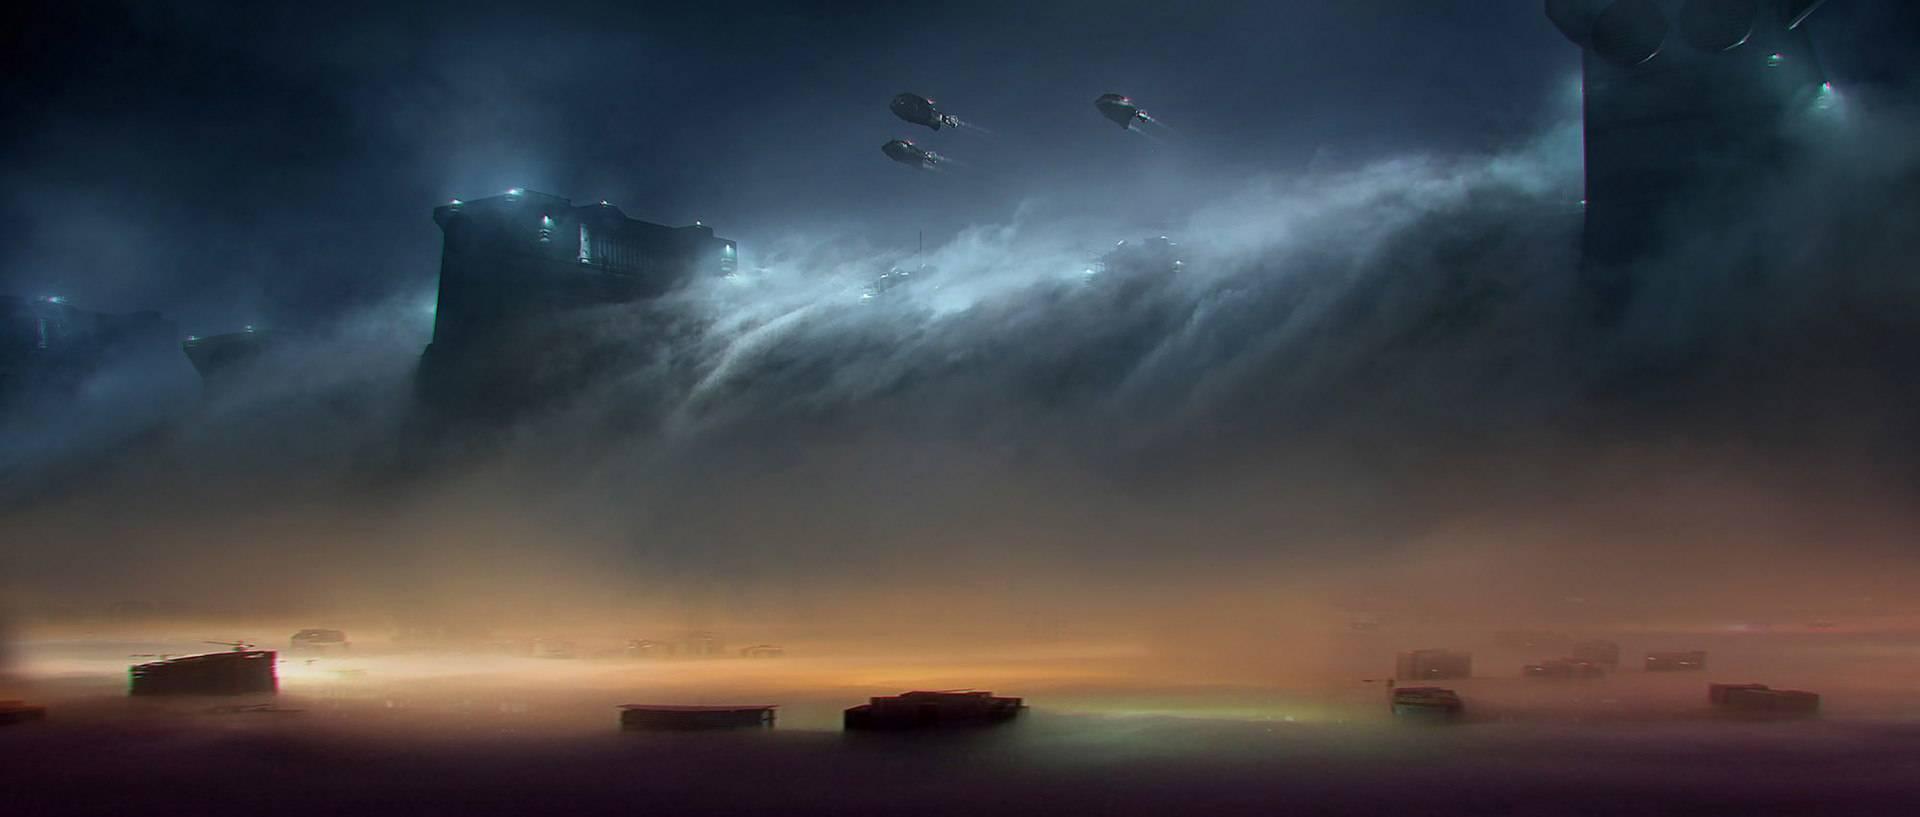 Виды киберпанка: стильные концепт-арты к фильму «Бегущий по лезвию 2049» 34